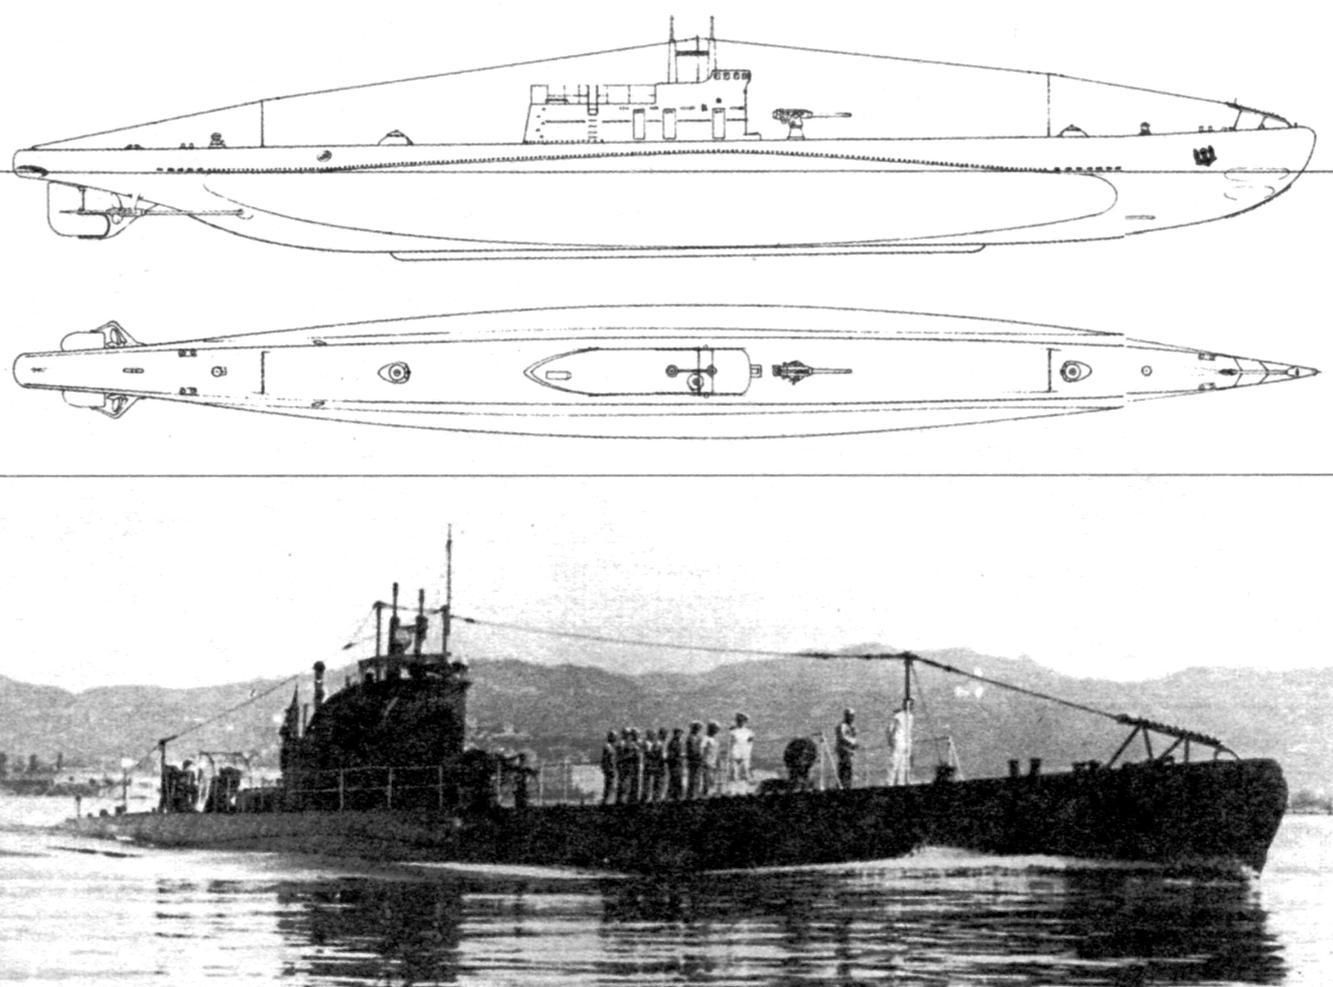 Подводная лодка «Гоффредо Мамели», Италия, 1928 г.